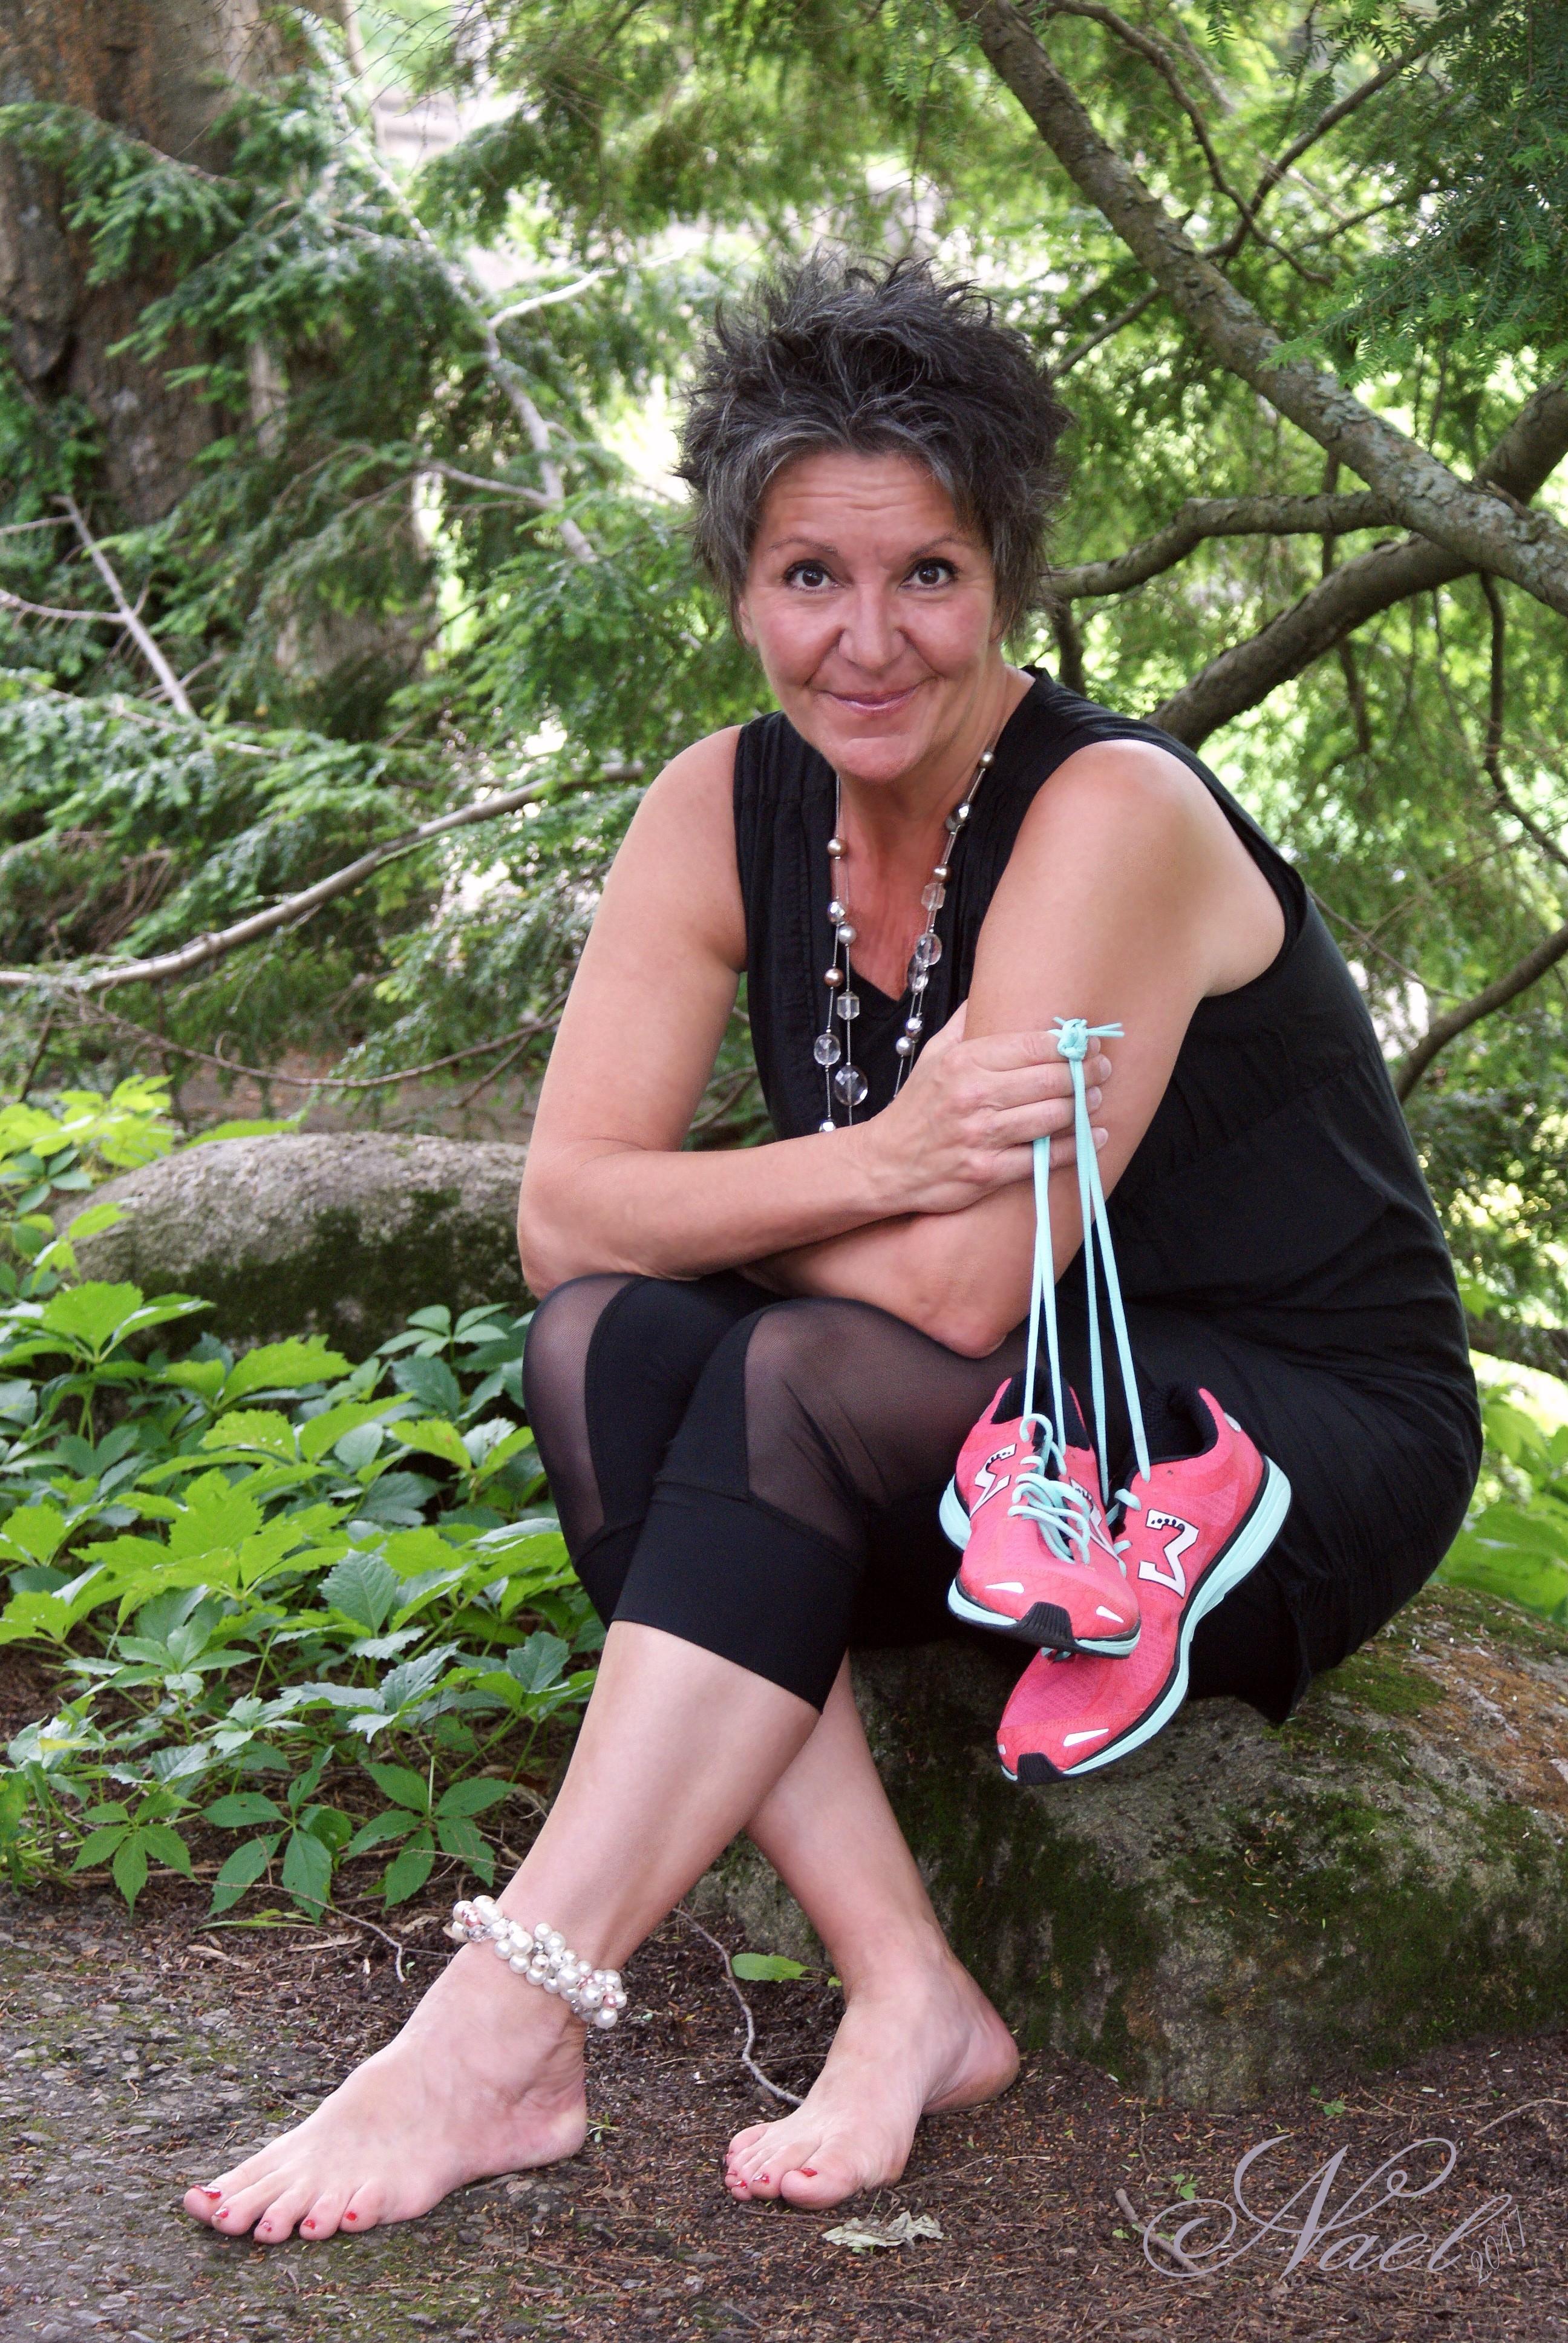 SAMEDI 18 MAI – Présentation du livre de Nathalie Bisson « Courir et Vivre pour Soi » et séance de dédicaces